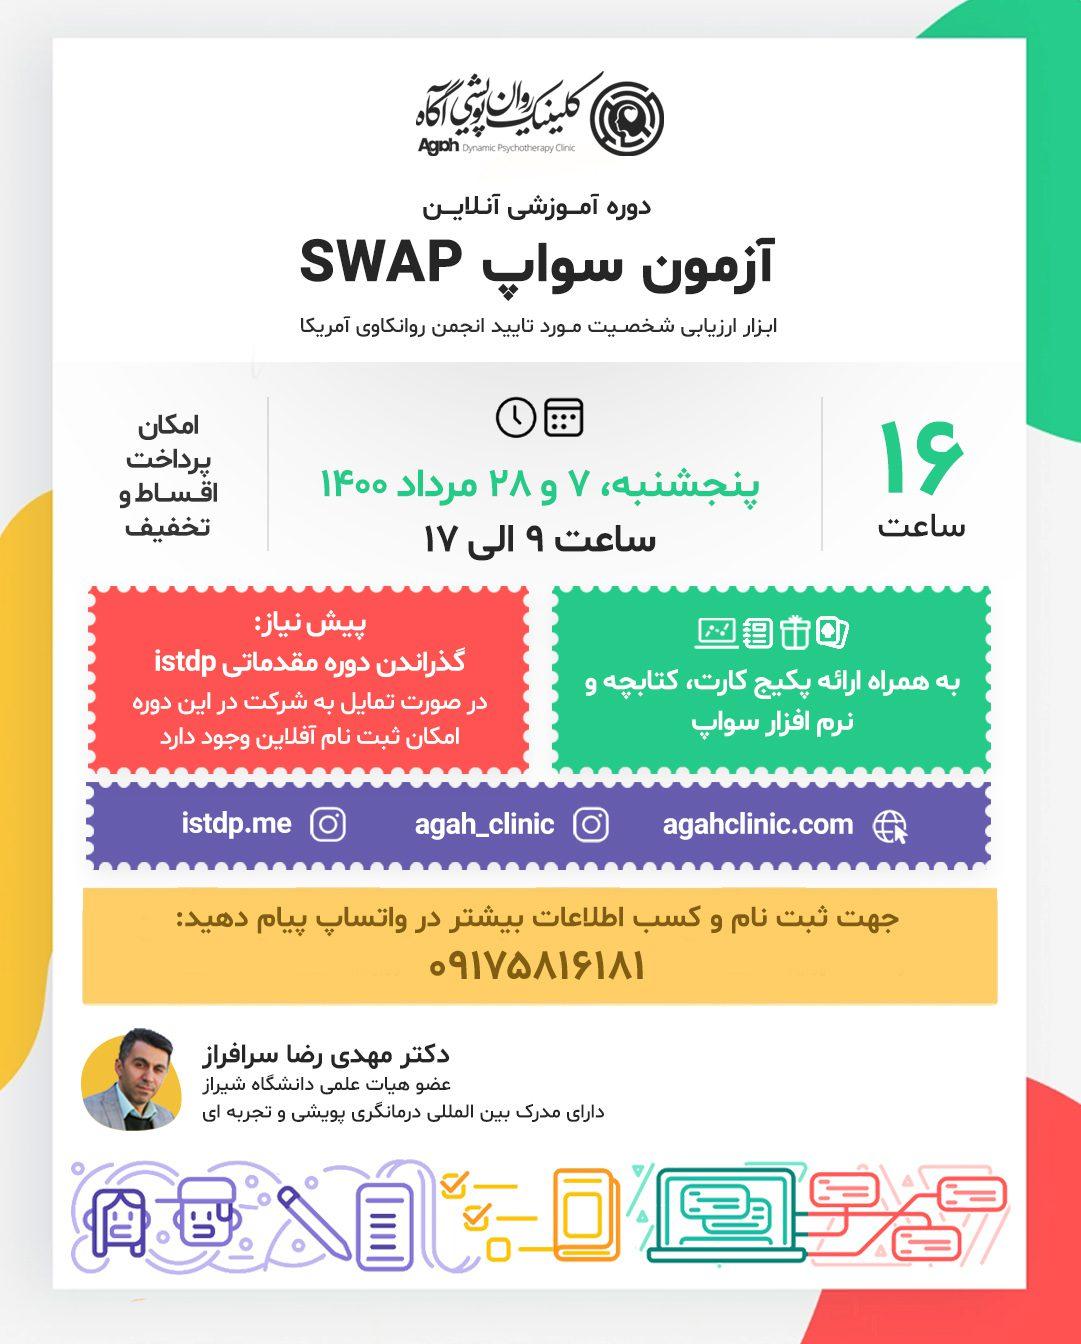 دوره آموزشی آنلاین آزمون سواپ SWAP